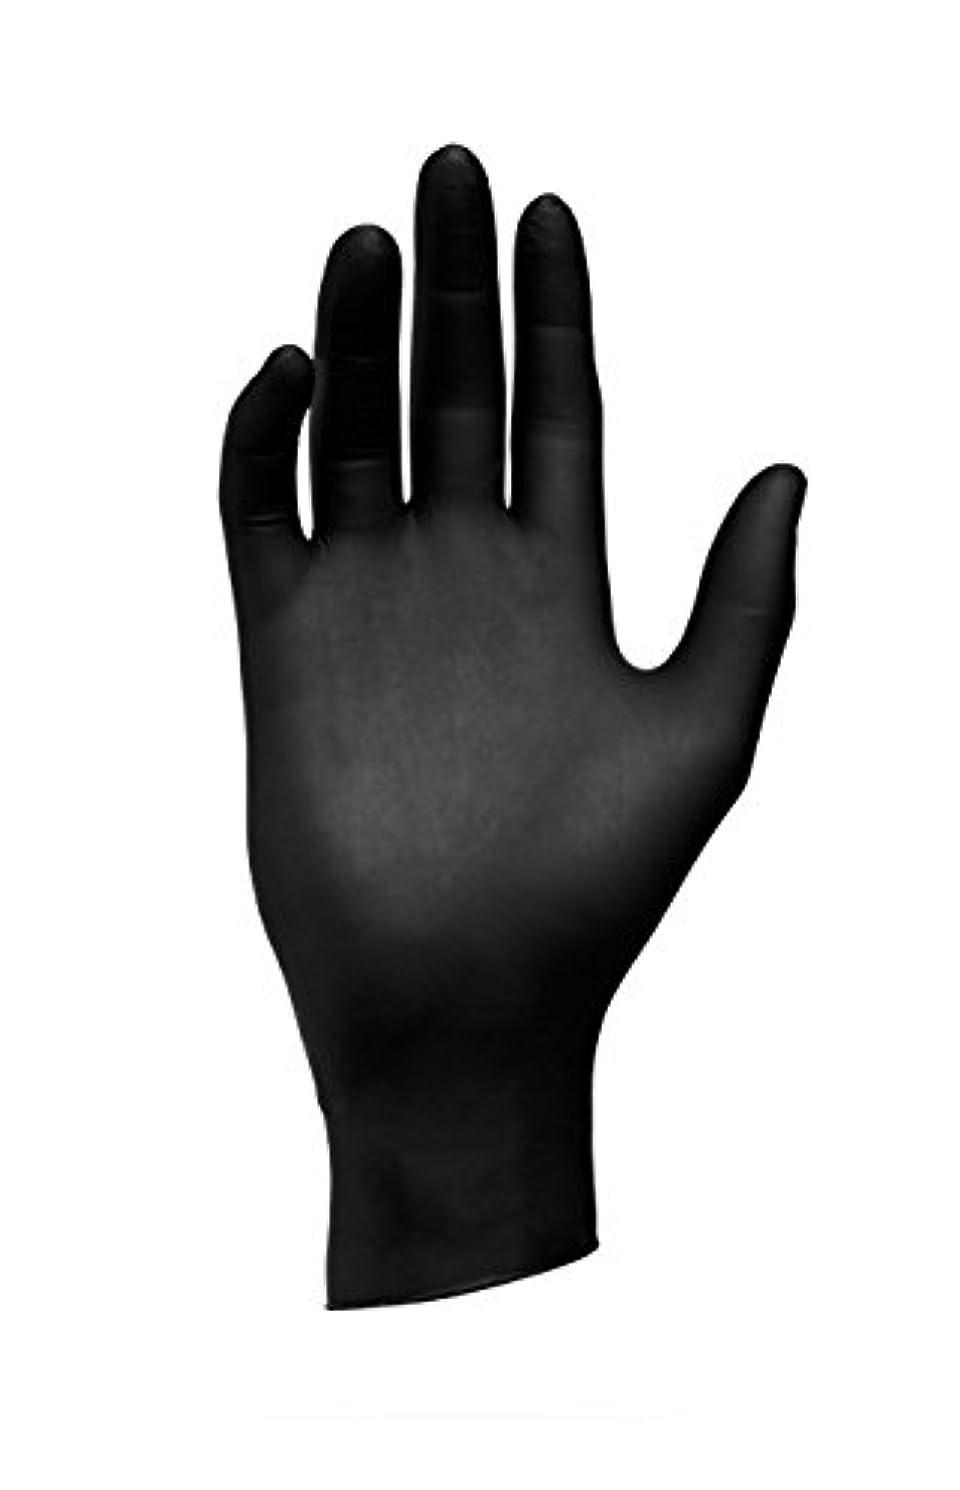 オセアニア出くわすからに変化するエバーメイト センパーガード ニトリルブラックグローブ ブラック L(8.0~8.5インチ)甲幅10cm 100枚入 6個セット